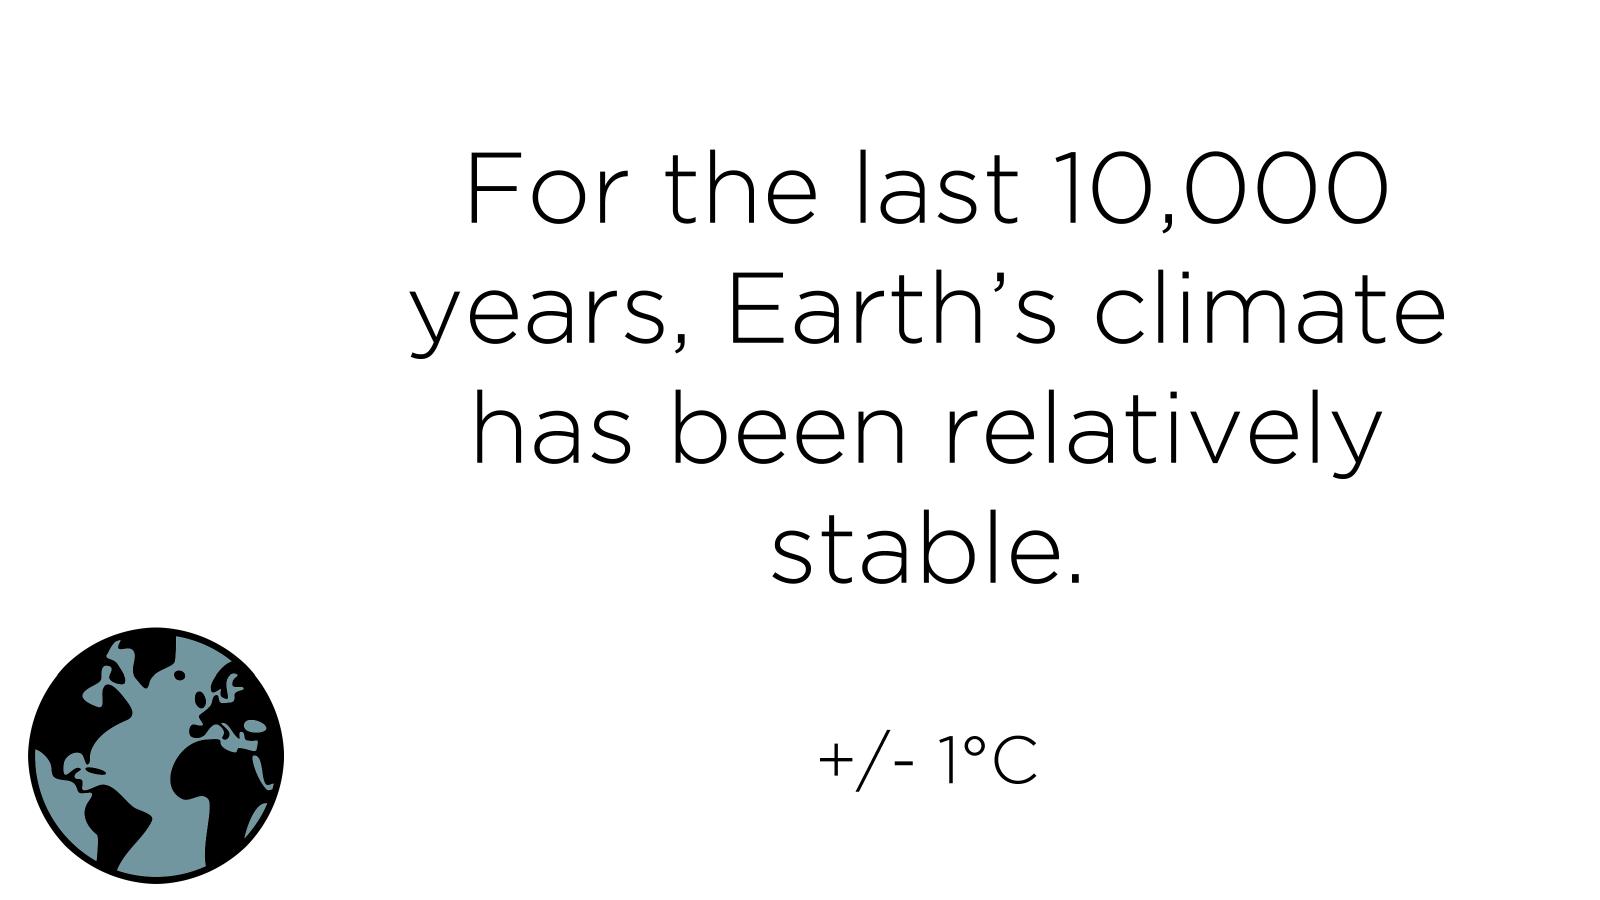 tedx02-10000-years